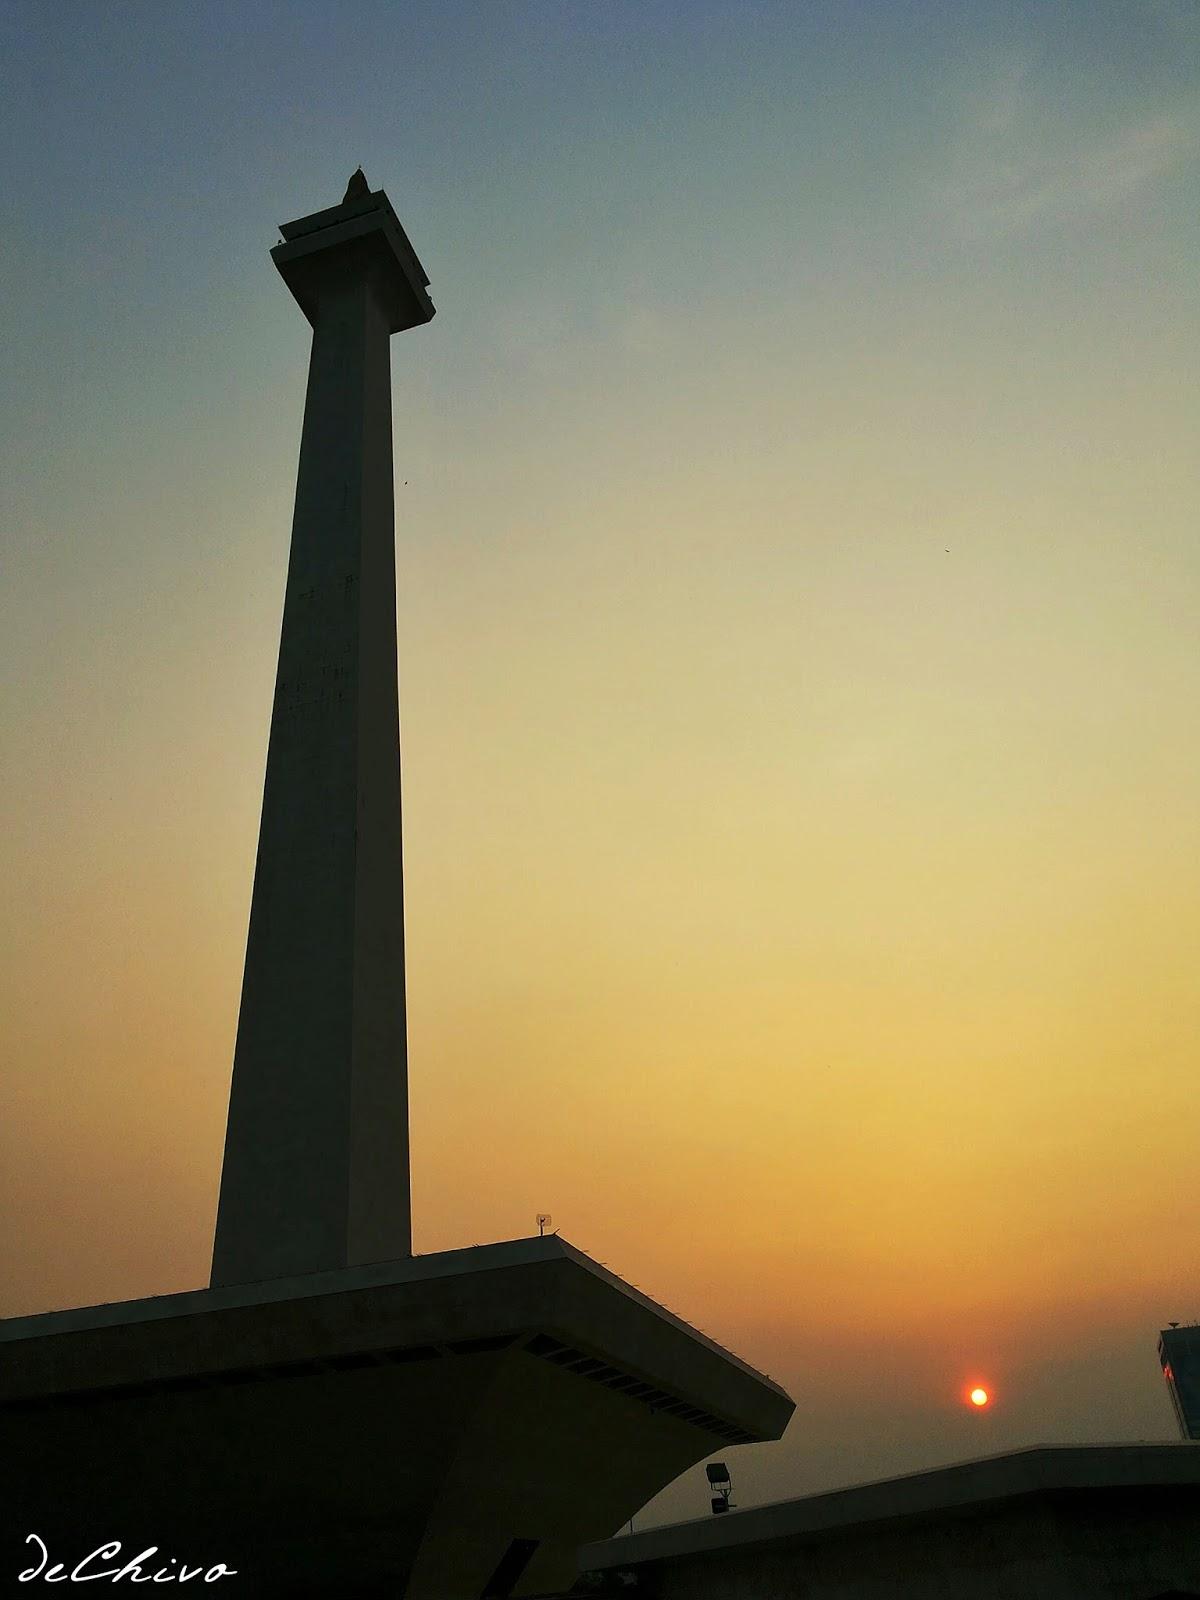 Monumen Nasional Jakarta di saat terbenamnya matahari (sunset)